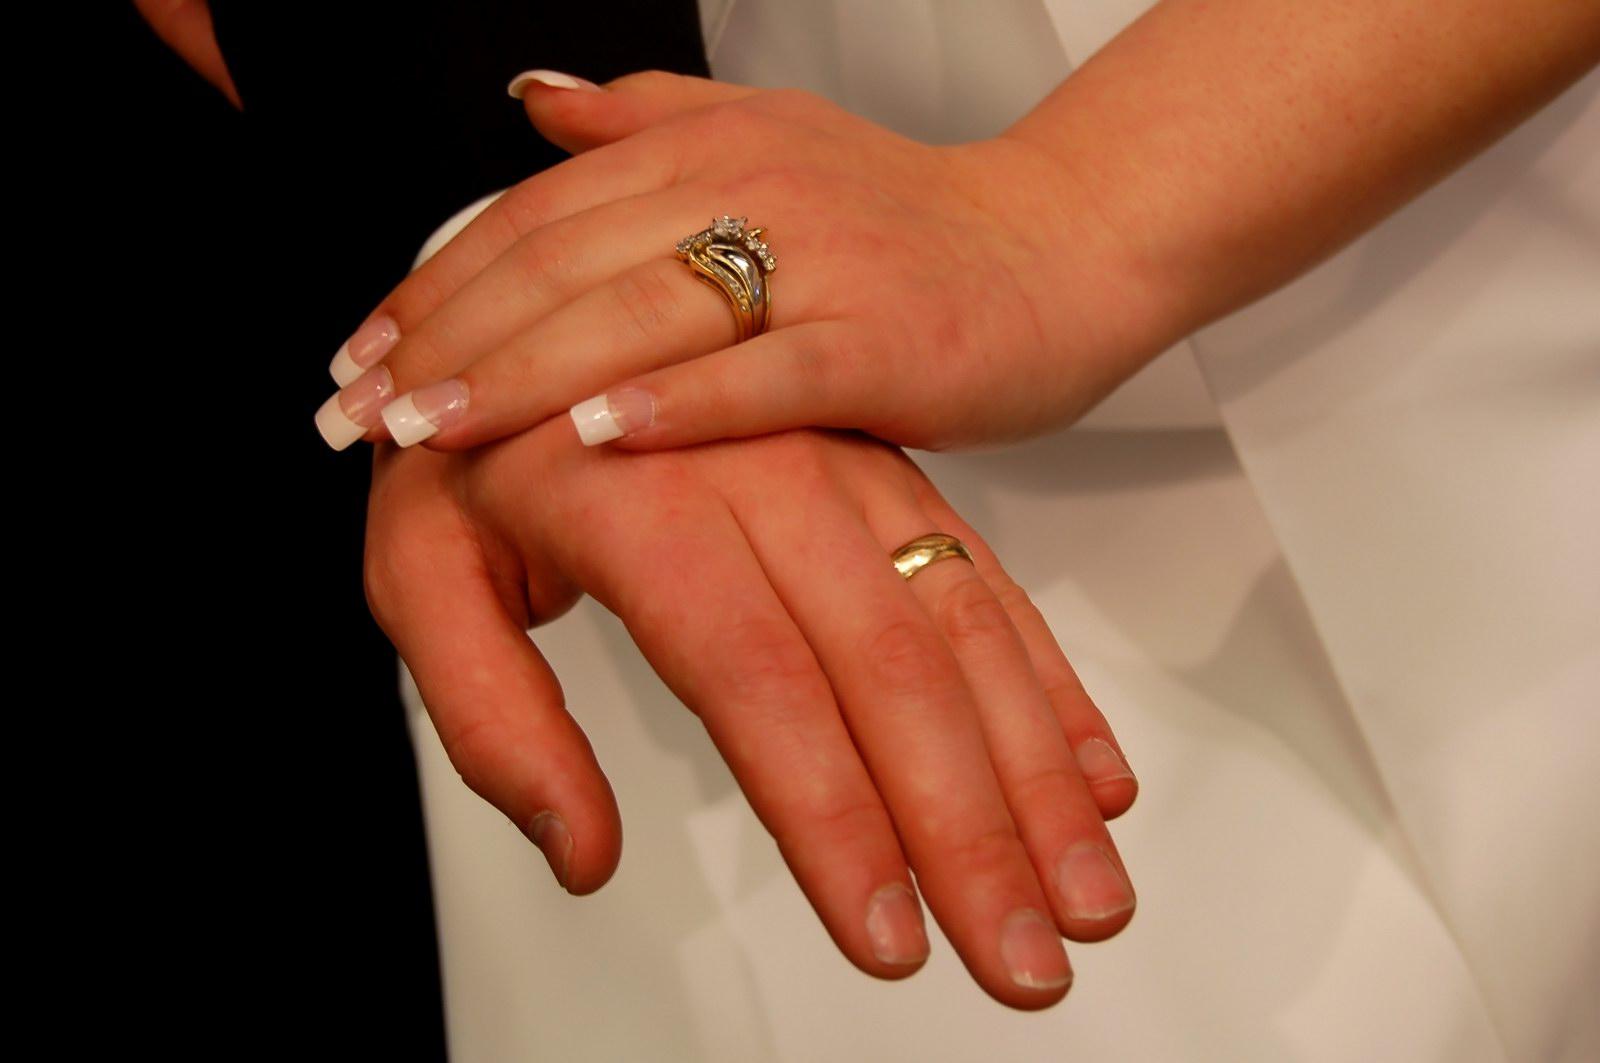 фото на руках обручальные кольца